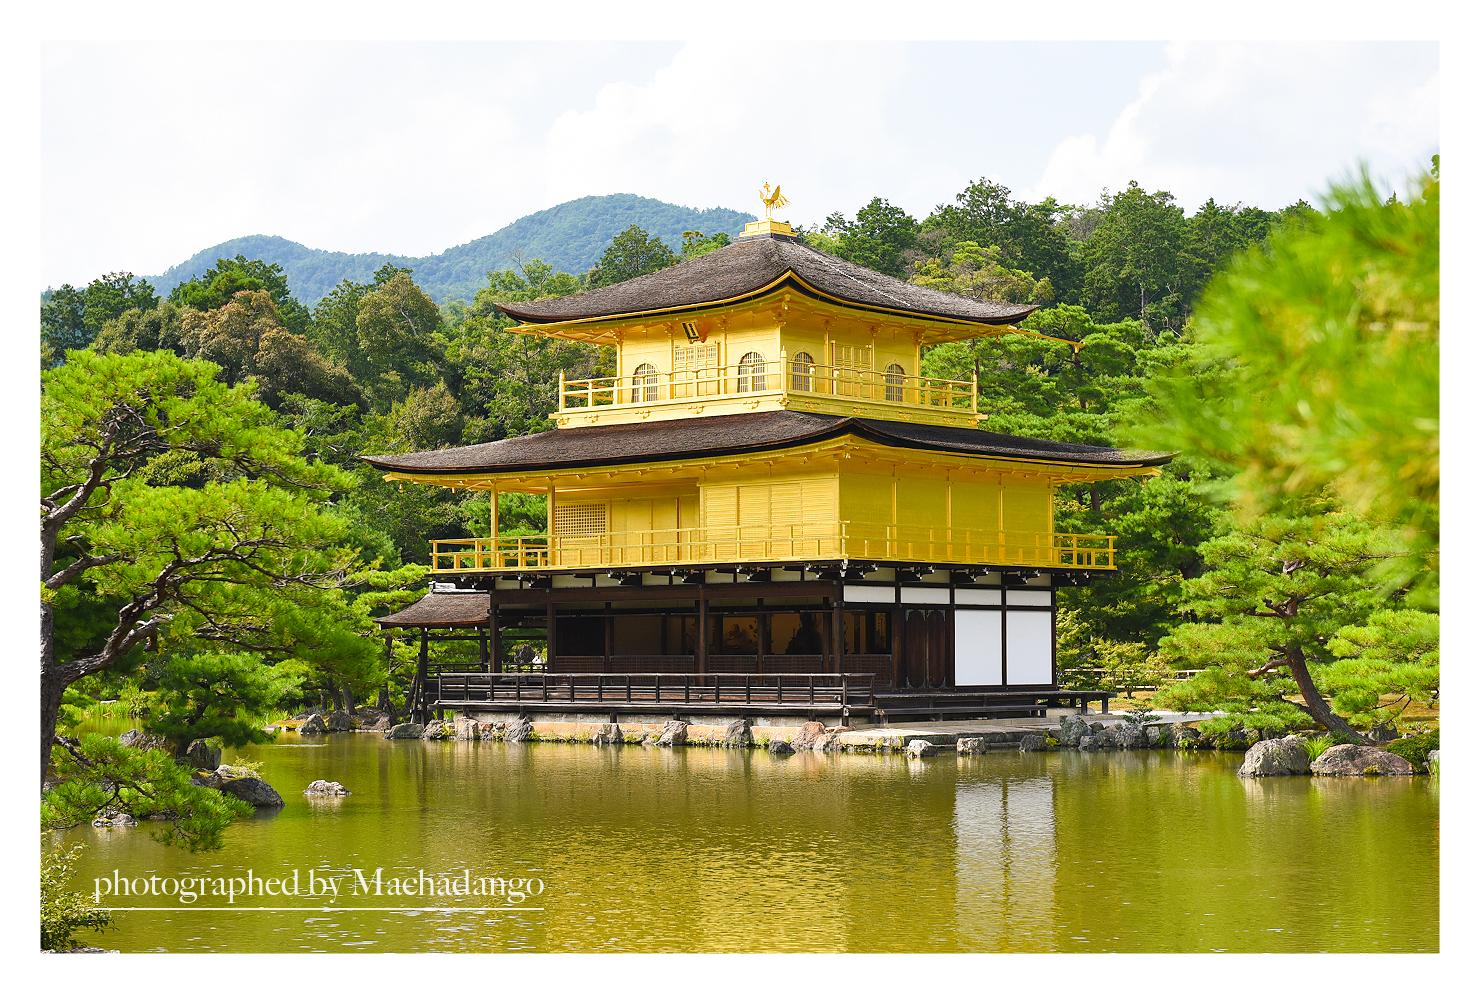 【玩樂京都】大阪出發京都巴士一日遊 – 抹茶糰子 Machadango